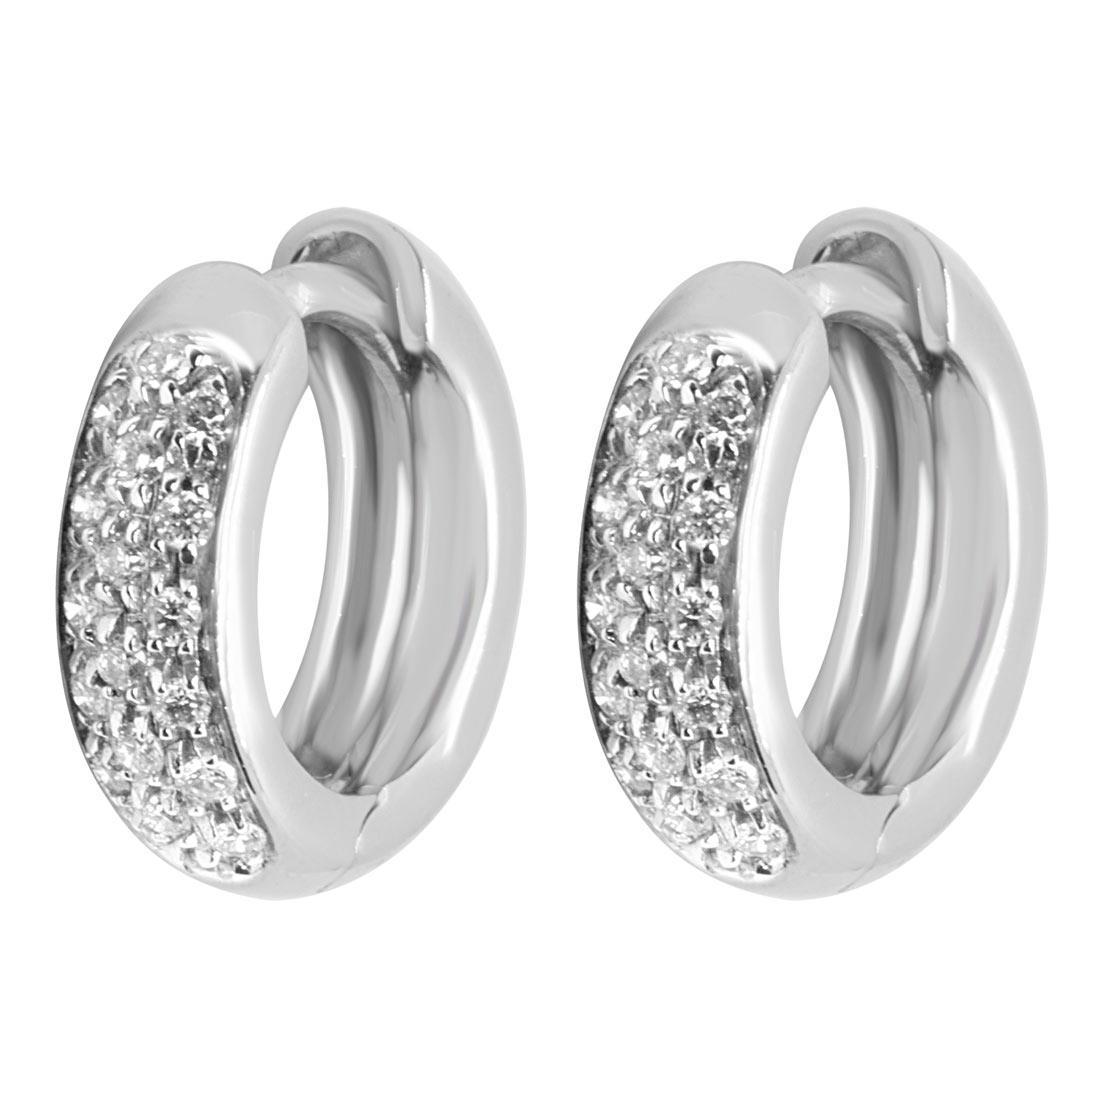 Orecchini in oro bianco e diamanti - ALFIERI & ST. JOHN